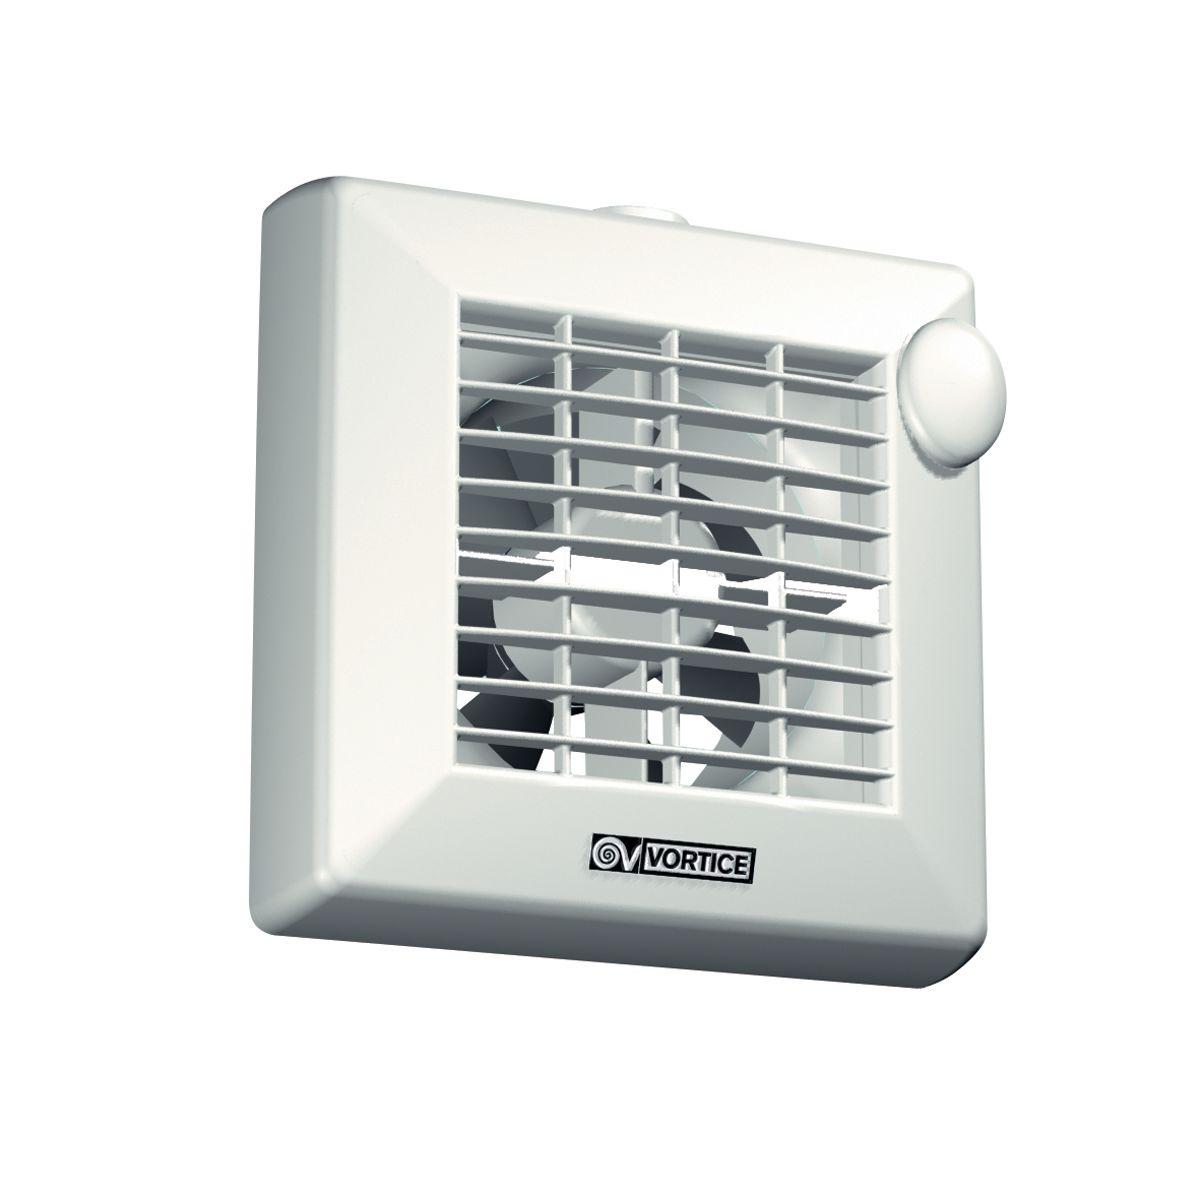 Aspiratore elicoidale 100 mm vortice punto m 100 4 prezzi e offerte online - Aspiratori da bagno vortice ...